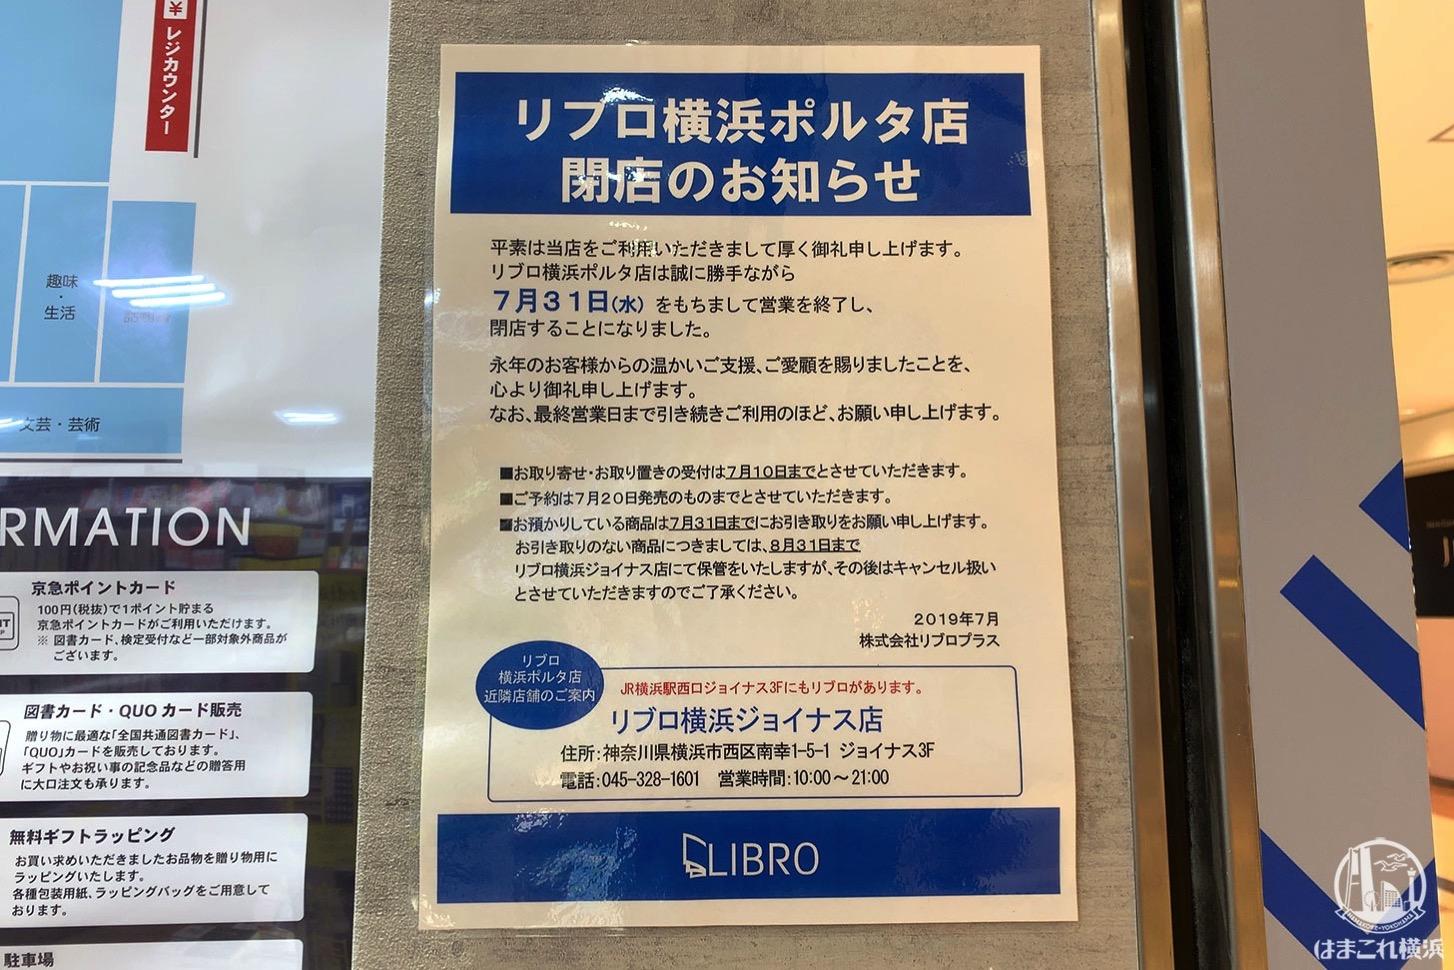 横浜ポルタの本屋「リブロ」が2019年7月31日をもって閉店